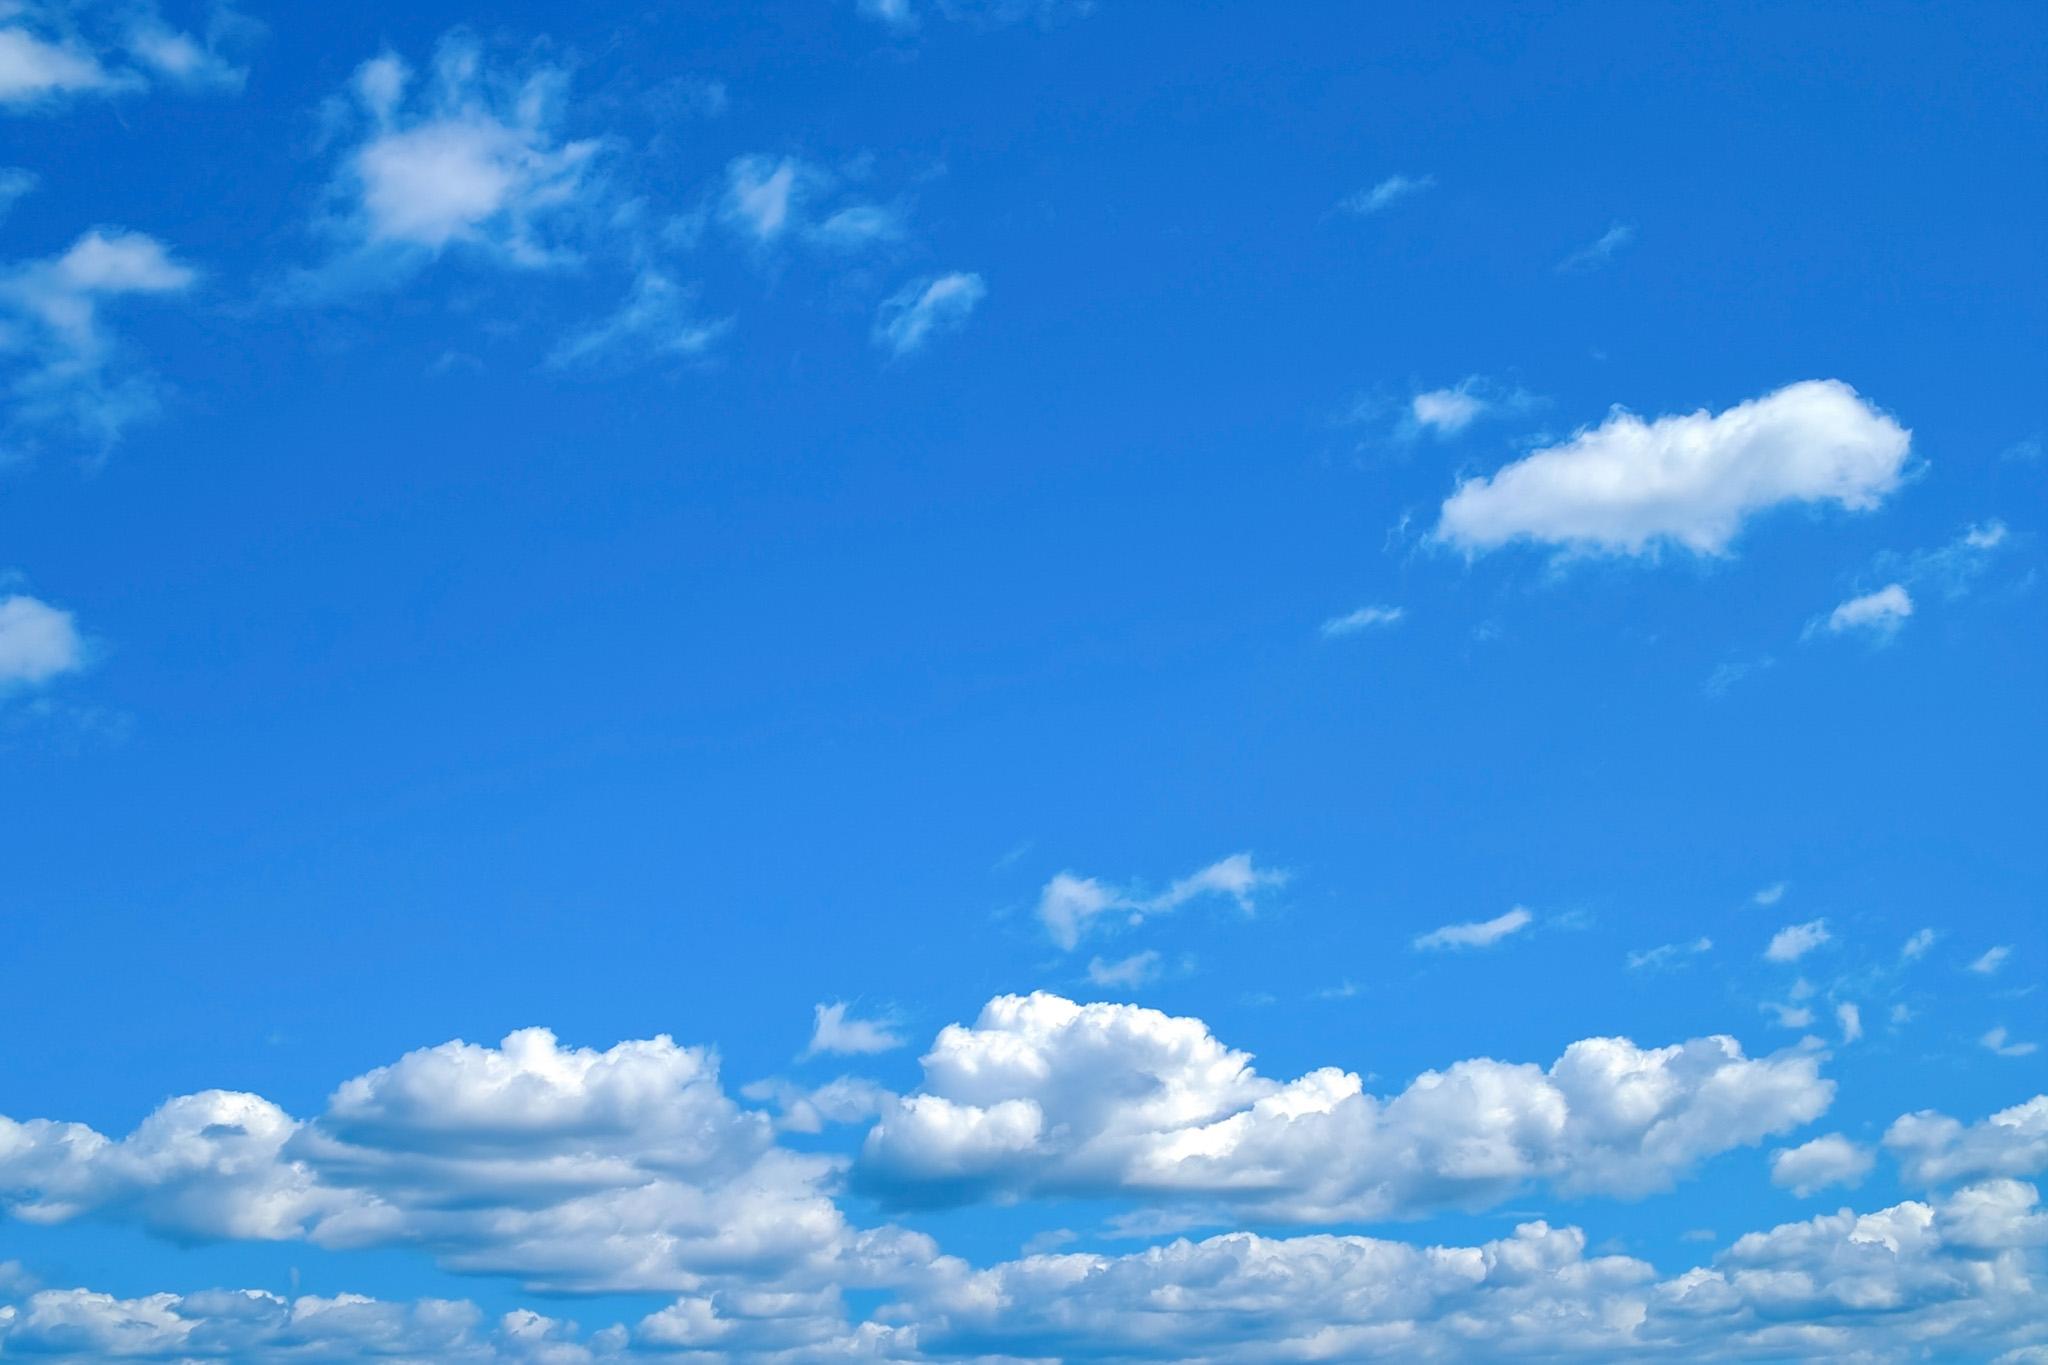 「爽やかな空の下に群れる積雲」